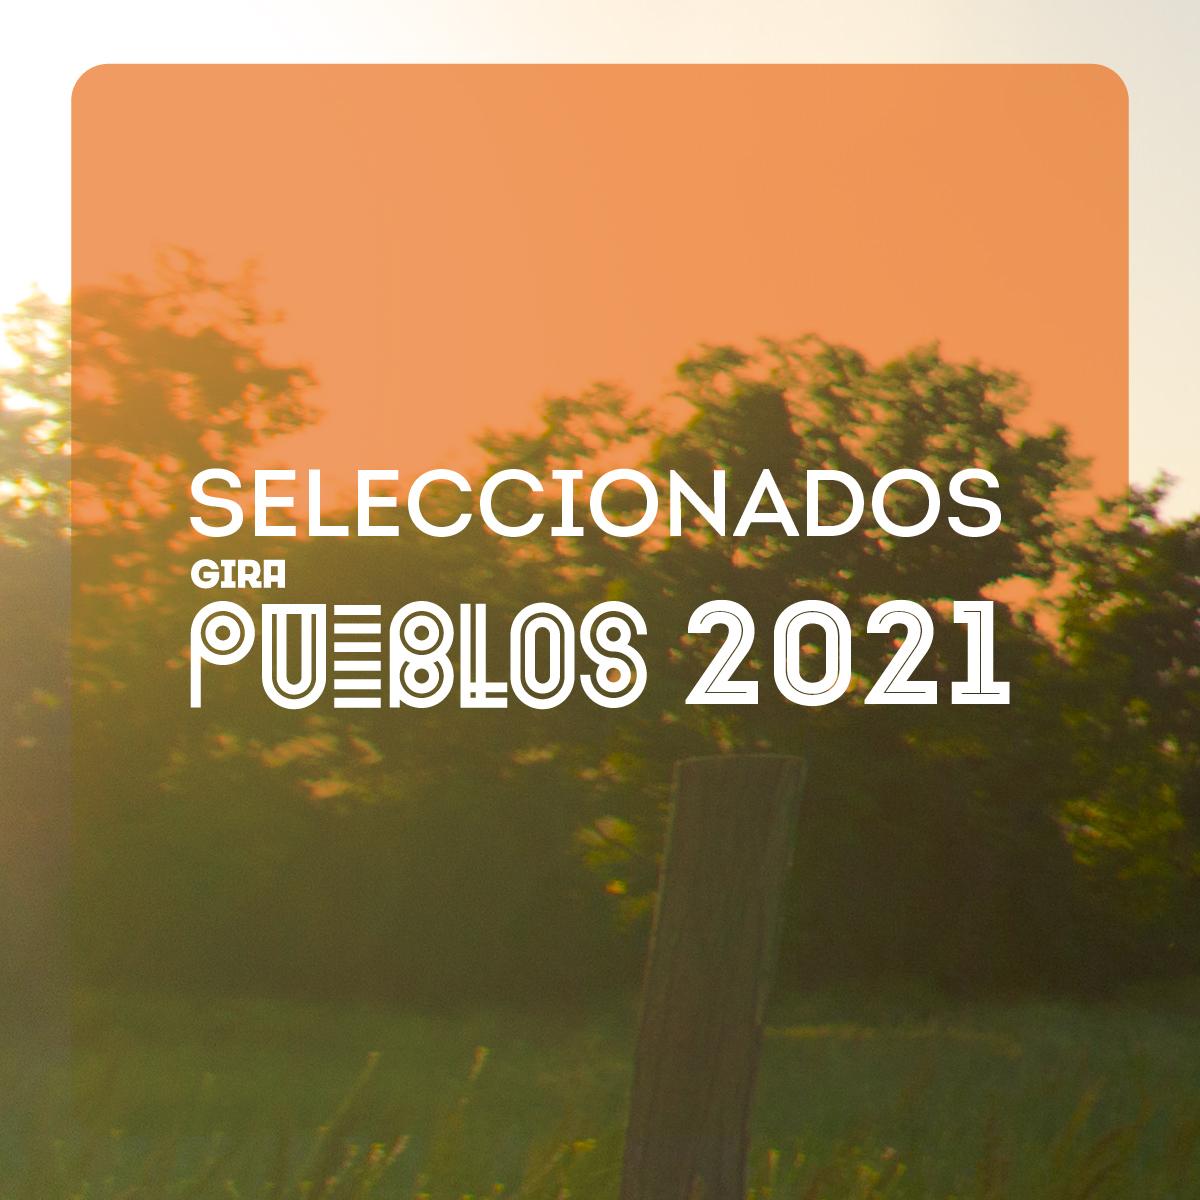 01_Seleccionados_gp